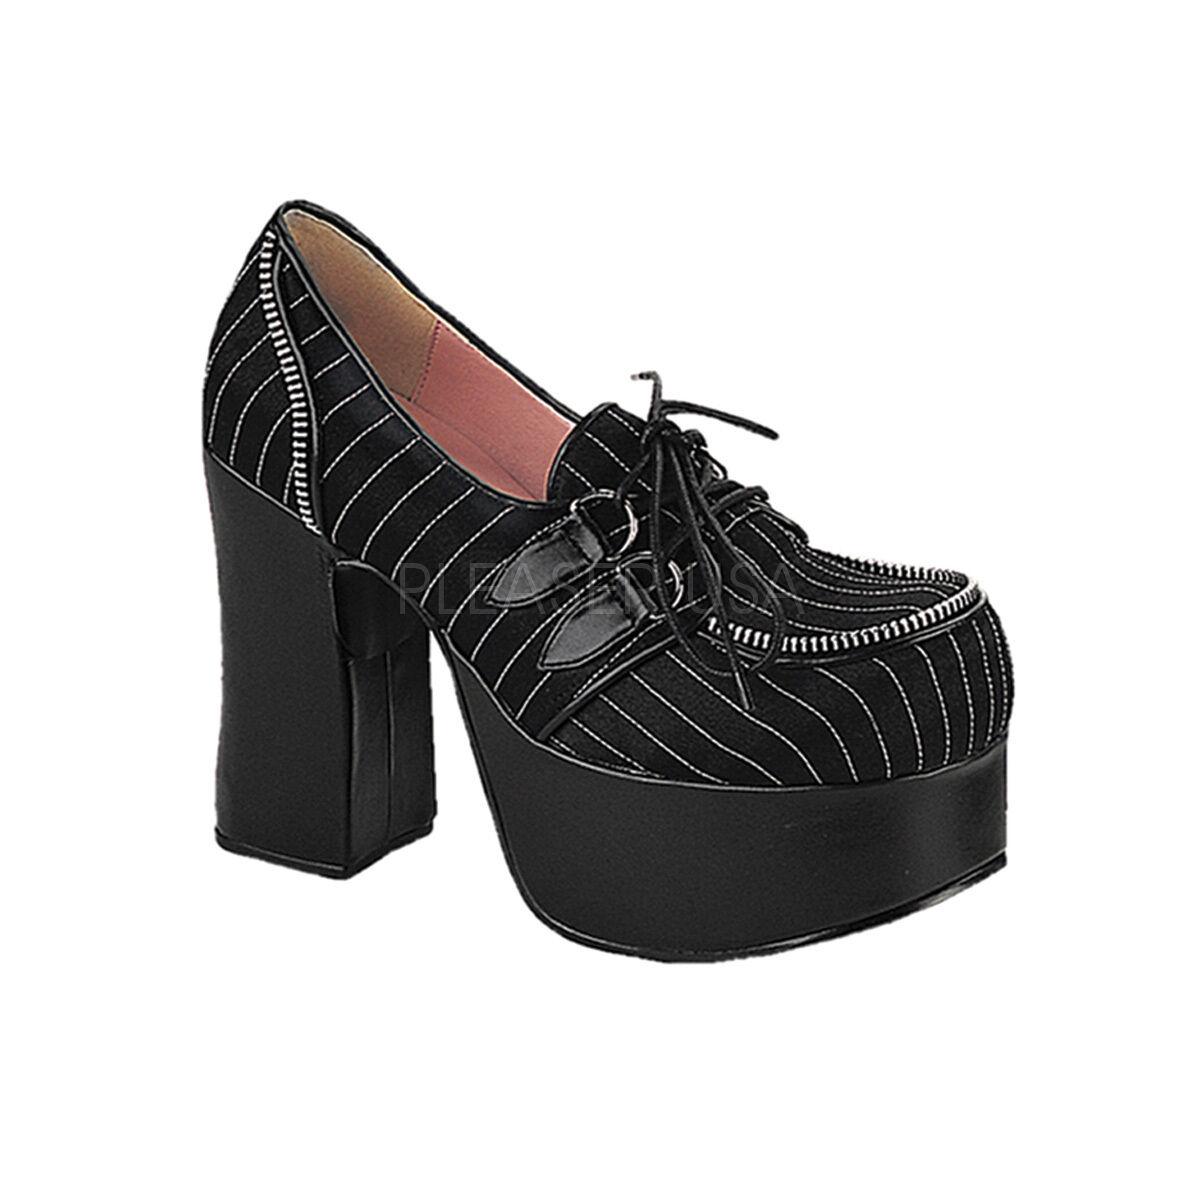 all'ingrosso a buon mercato Demonia farsa - 12 12 12 Goth Punk Lolita Nero Bianco eyelette Cinturino Scarpe Mary Jane  prezzo ragionevole